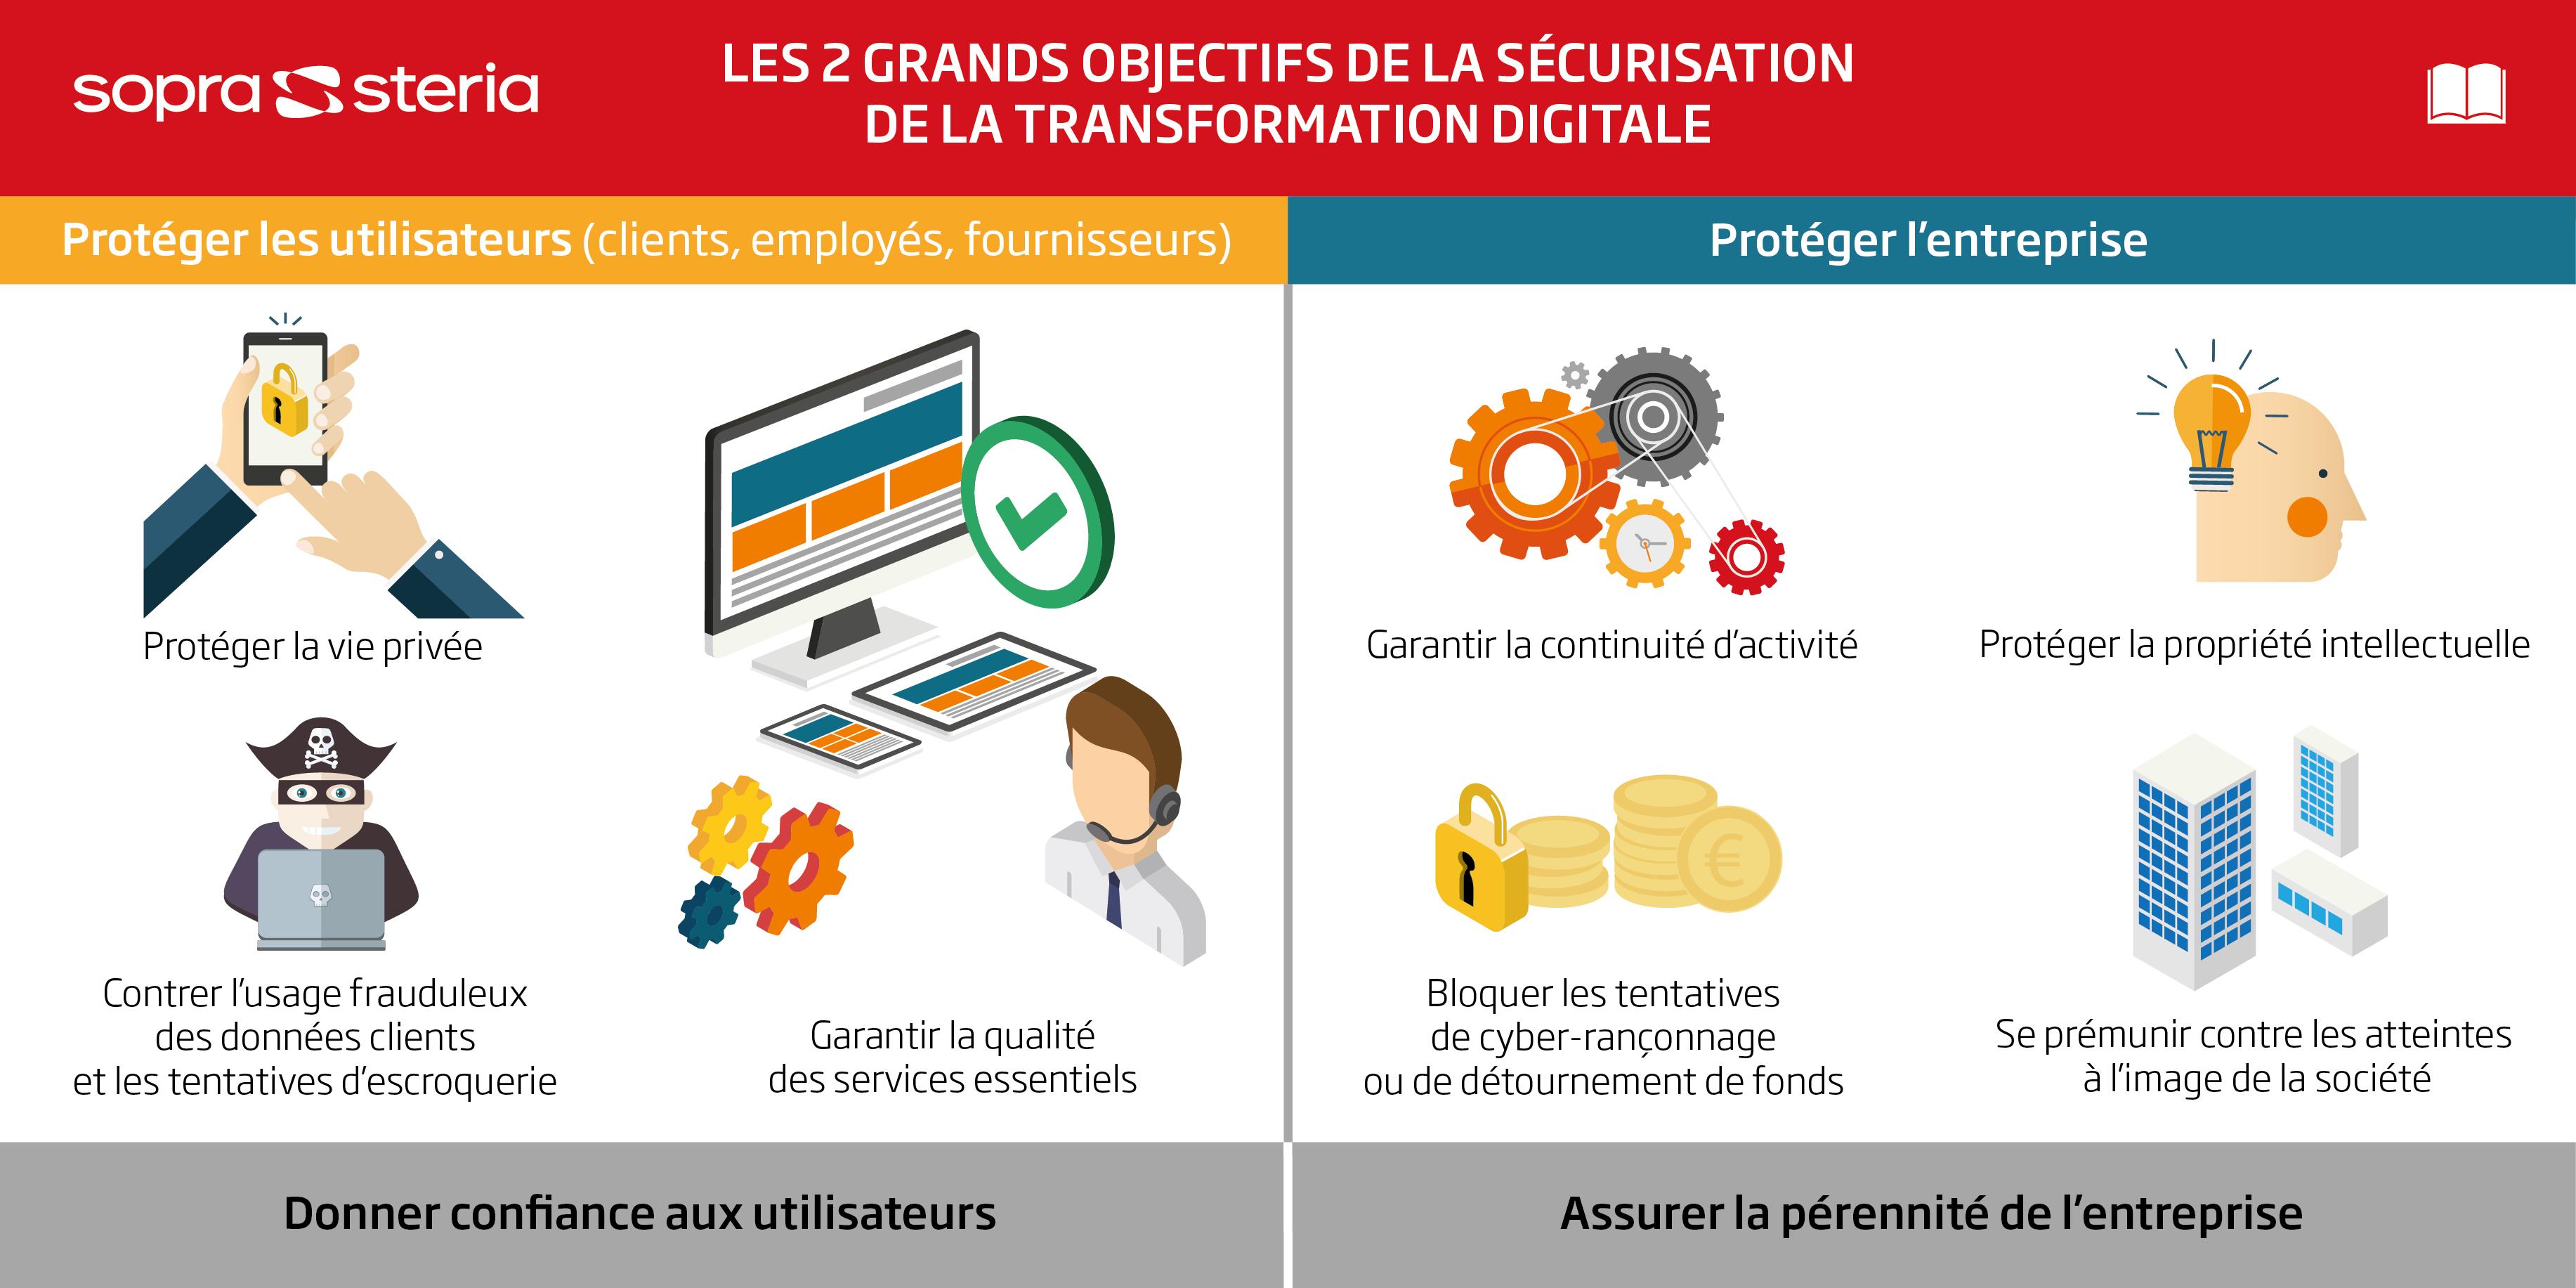 lb_reseaux-sociaux2-04